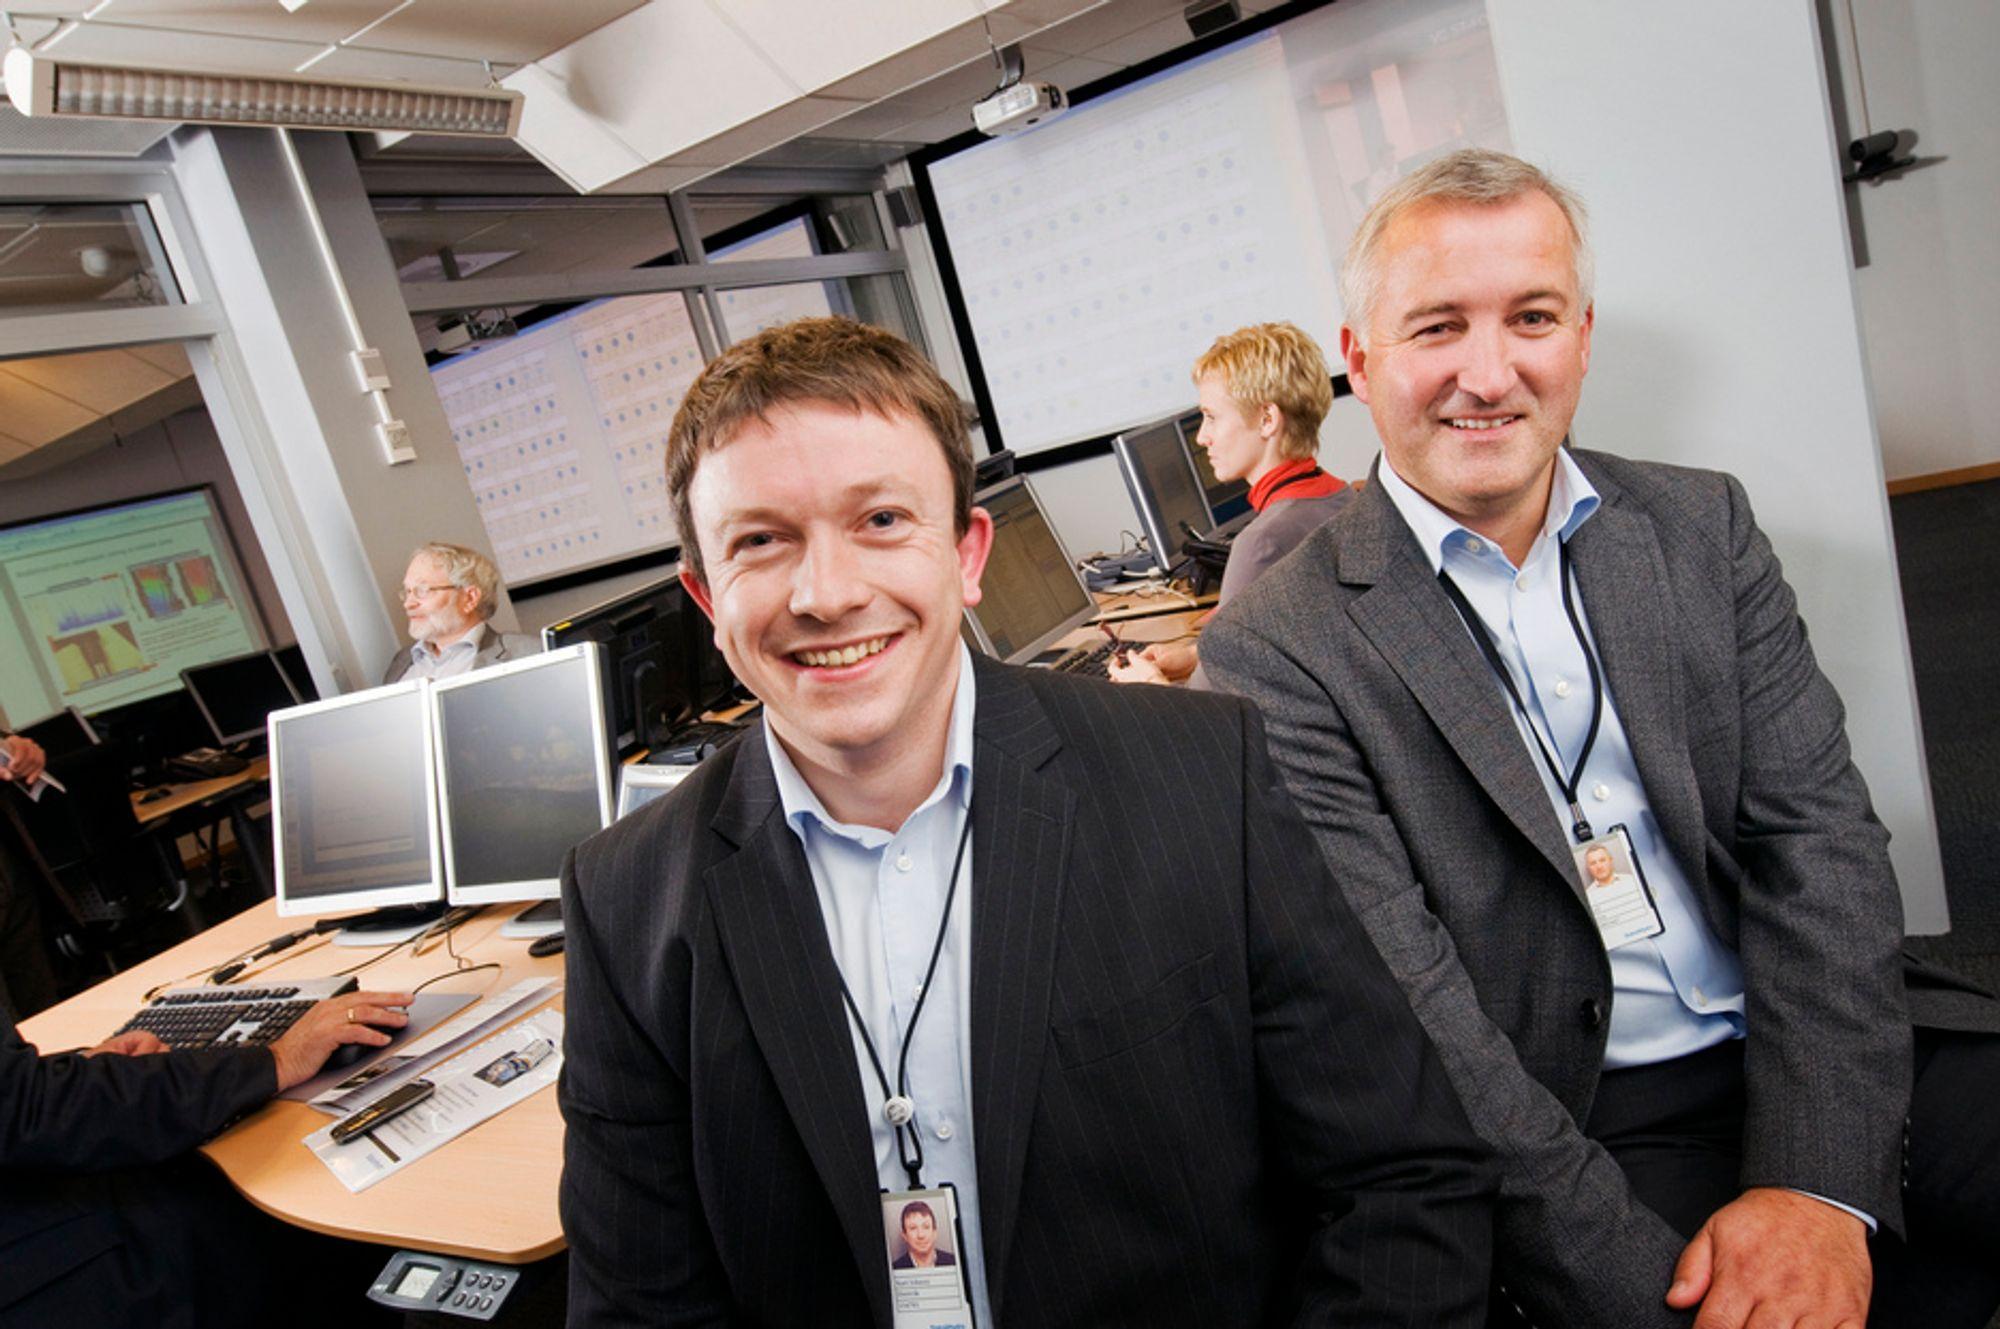 AVANSERT: Leder for produksjonsstøttesenteret Kjell Lejon og initiativtager Karl Johnny Hersvik har tilgang på produksjonsdata fra 80 prosent av feltene i drift på norsk sokkel. Avansert datainnsamlings- og kommunikasjonsutstyr står til rådighet for å sikre stabil drift med maksimal inntjening.